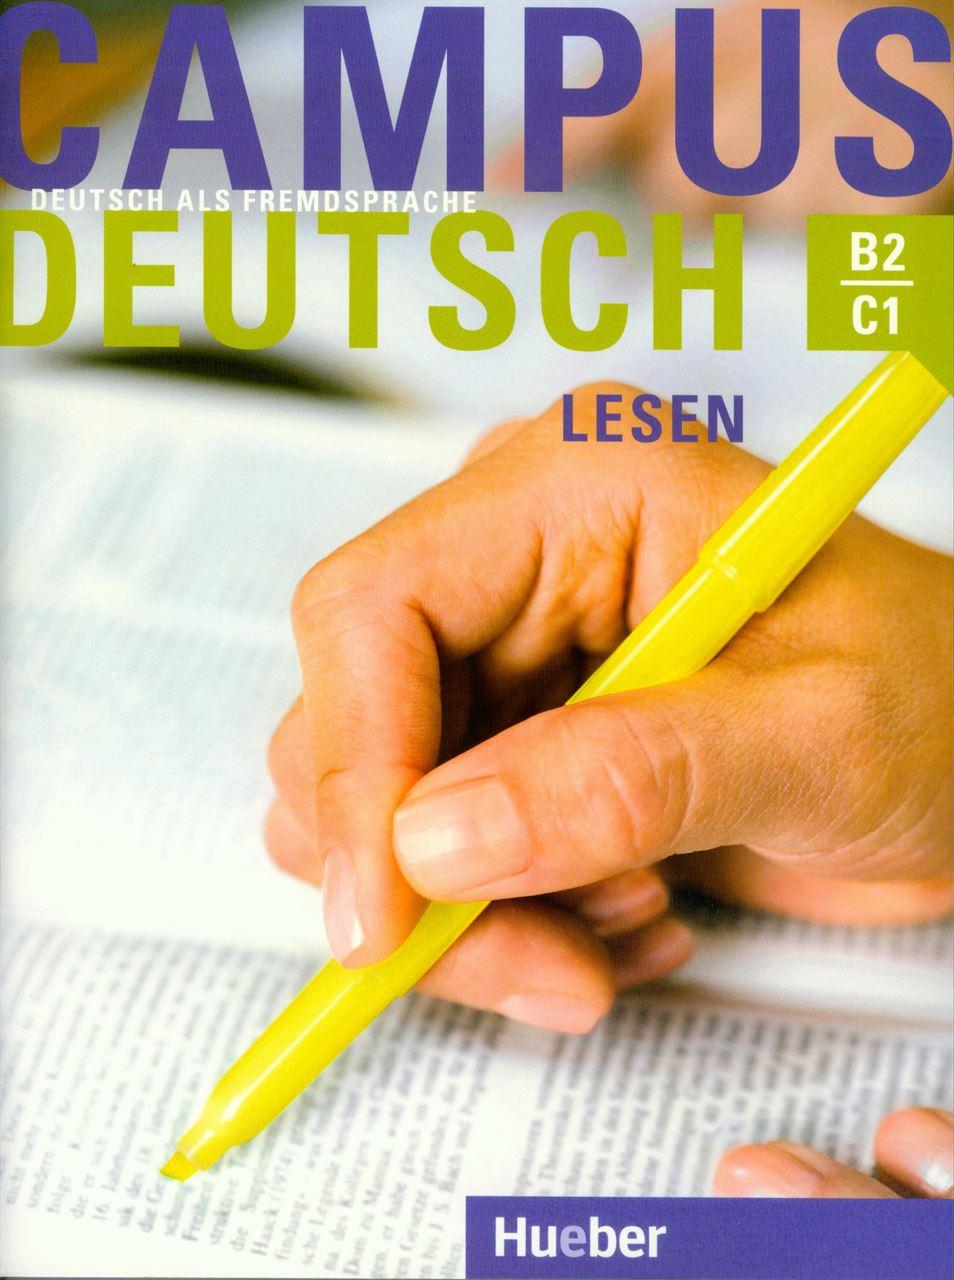 Εικόνα για την κατηγορία Campus Deutsch